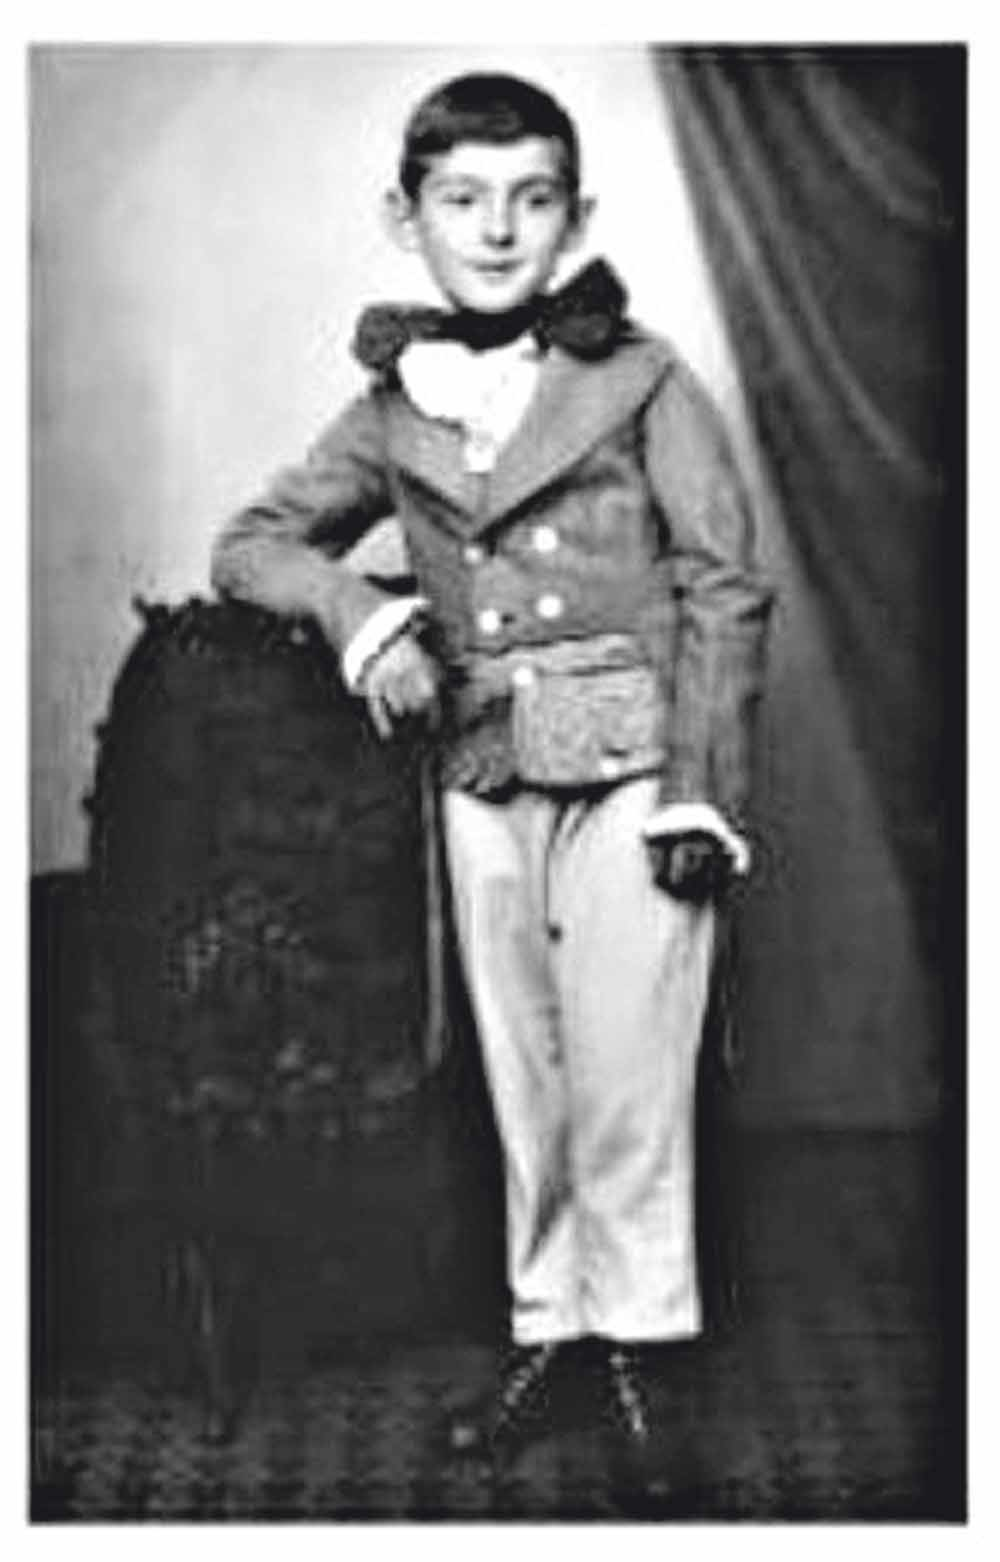 Walter Arlen verkleed als Franz Schubert in 1928.